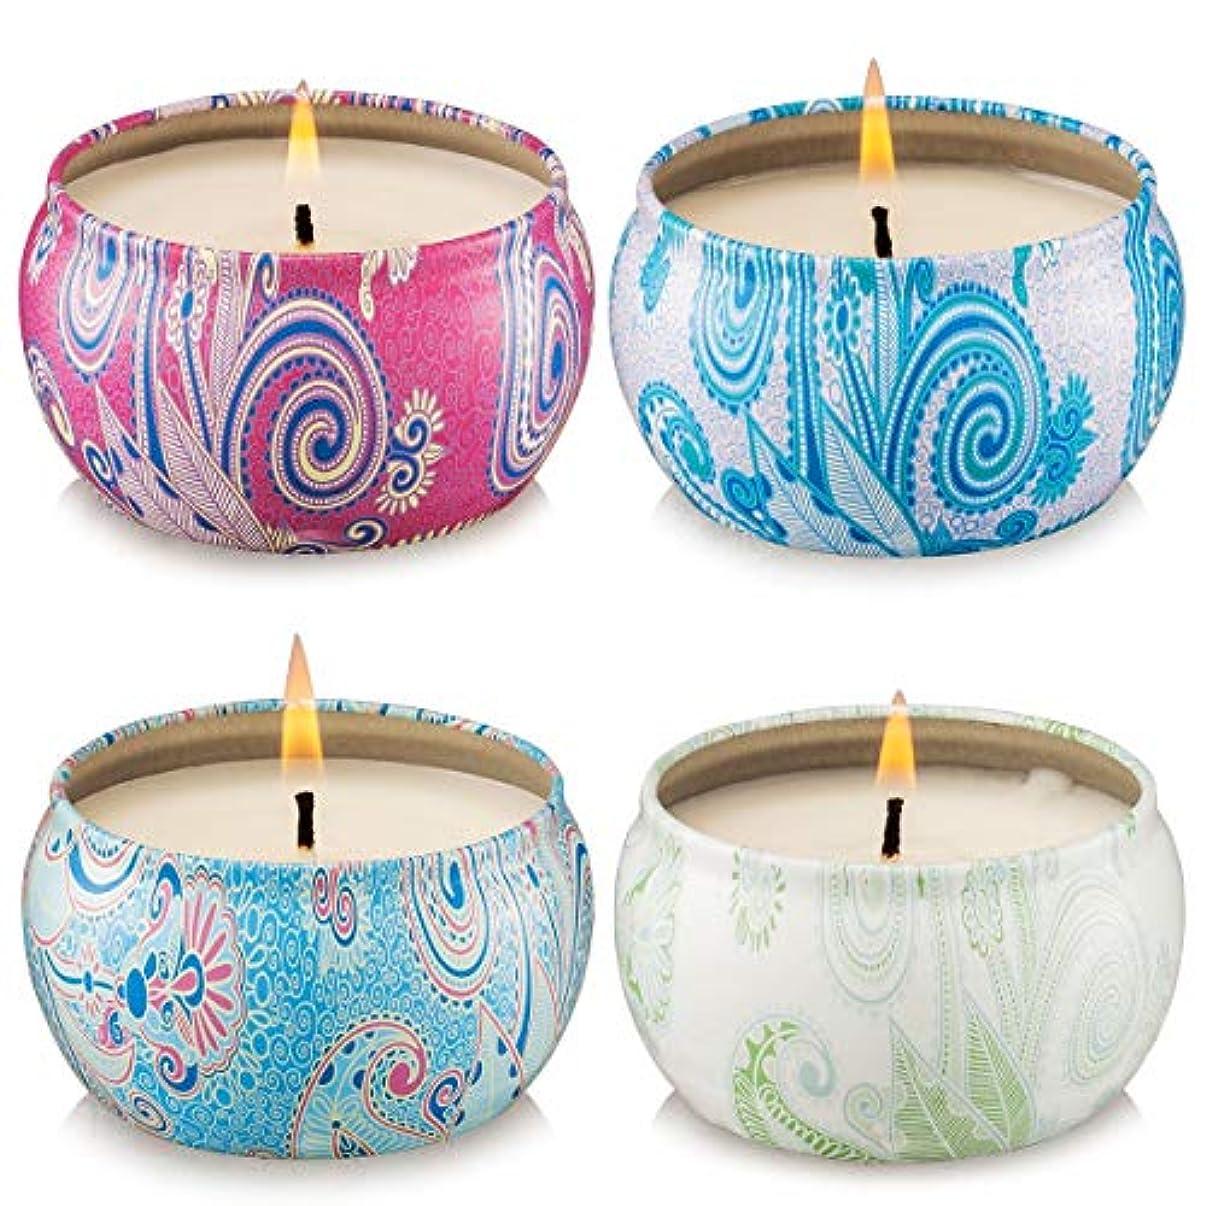 厚いランダムでScented Candles 4 Pack Gift Set - Vanilla,Lemongrass,Lavender and Rose, 100% Eco-friendly Soybean Wax Travel Tins...